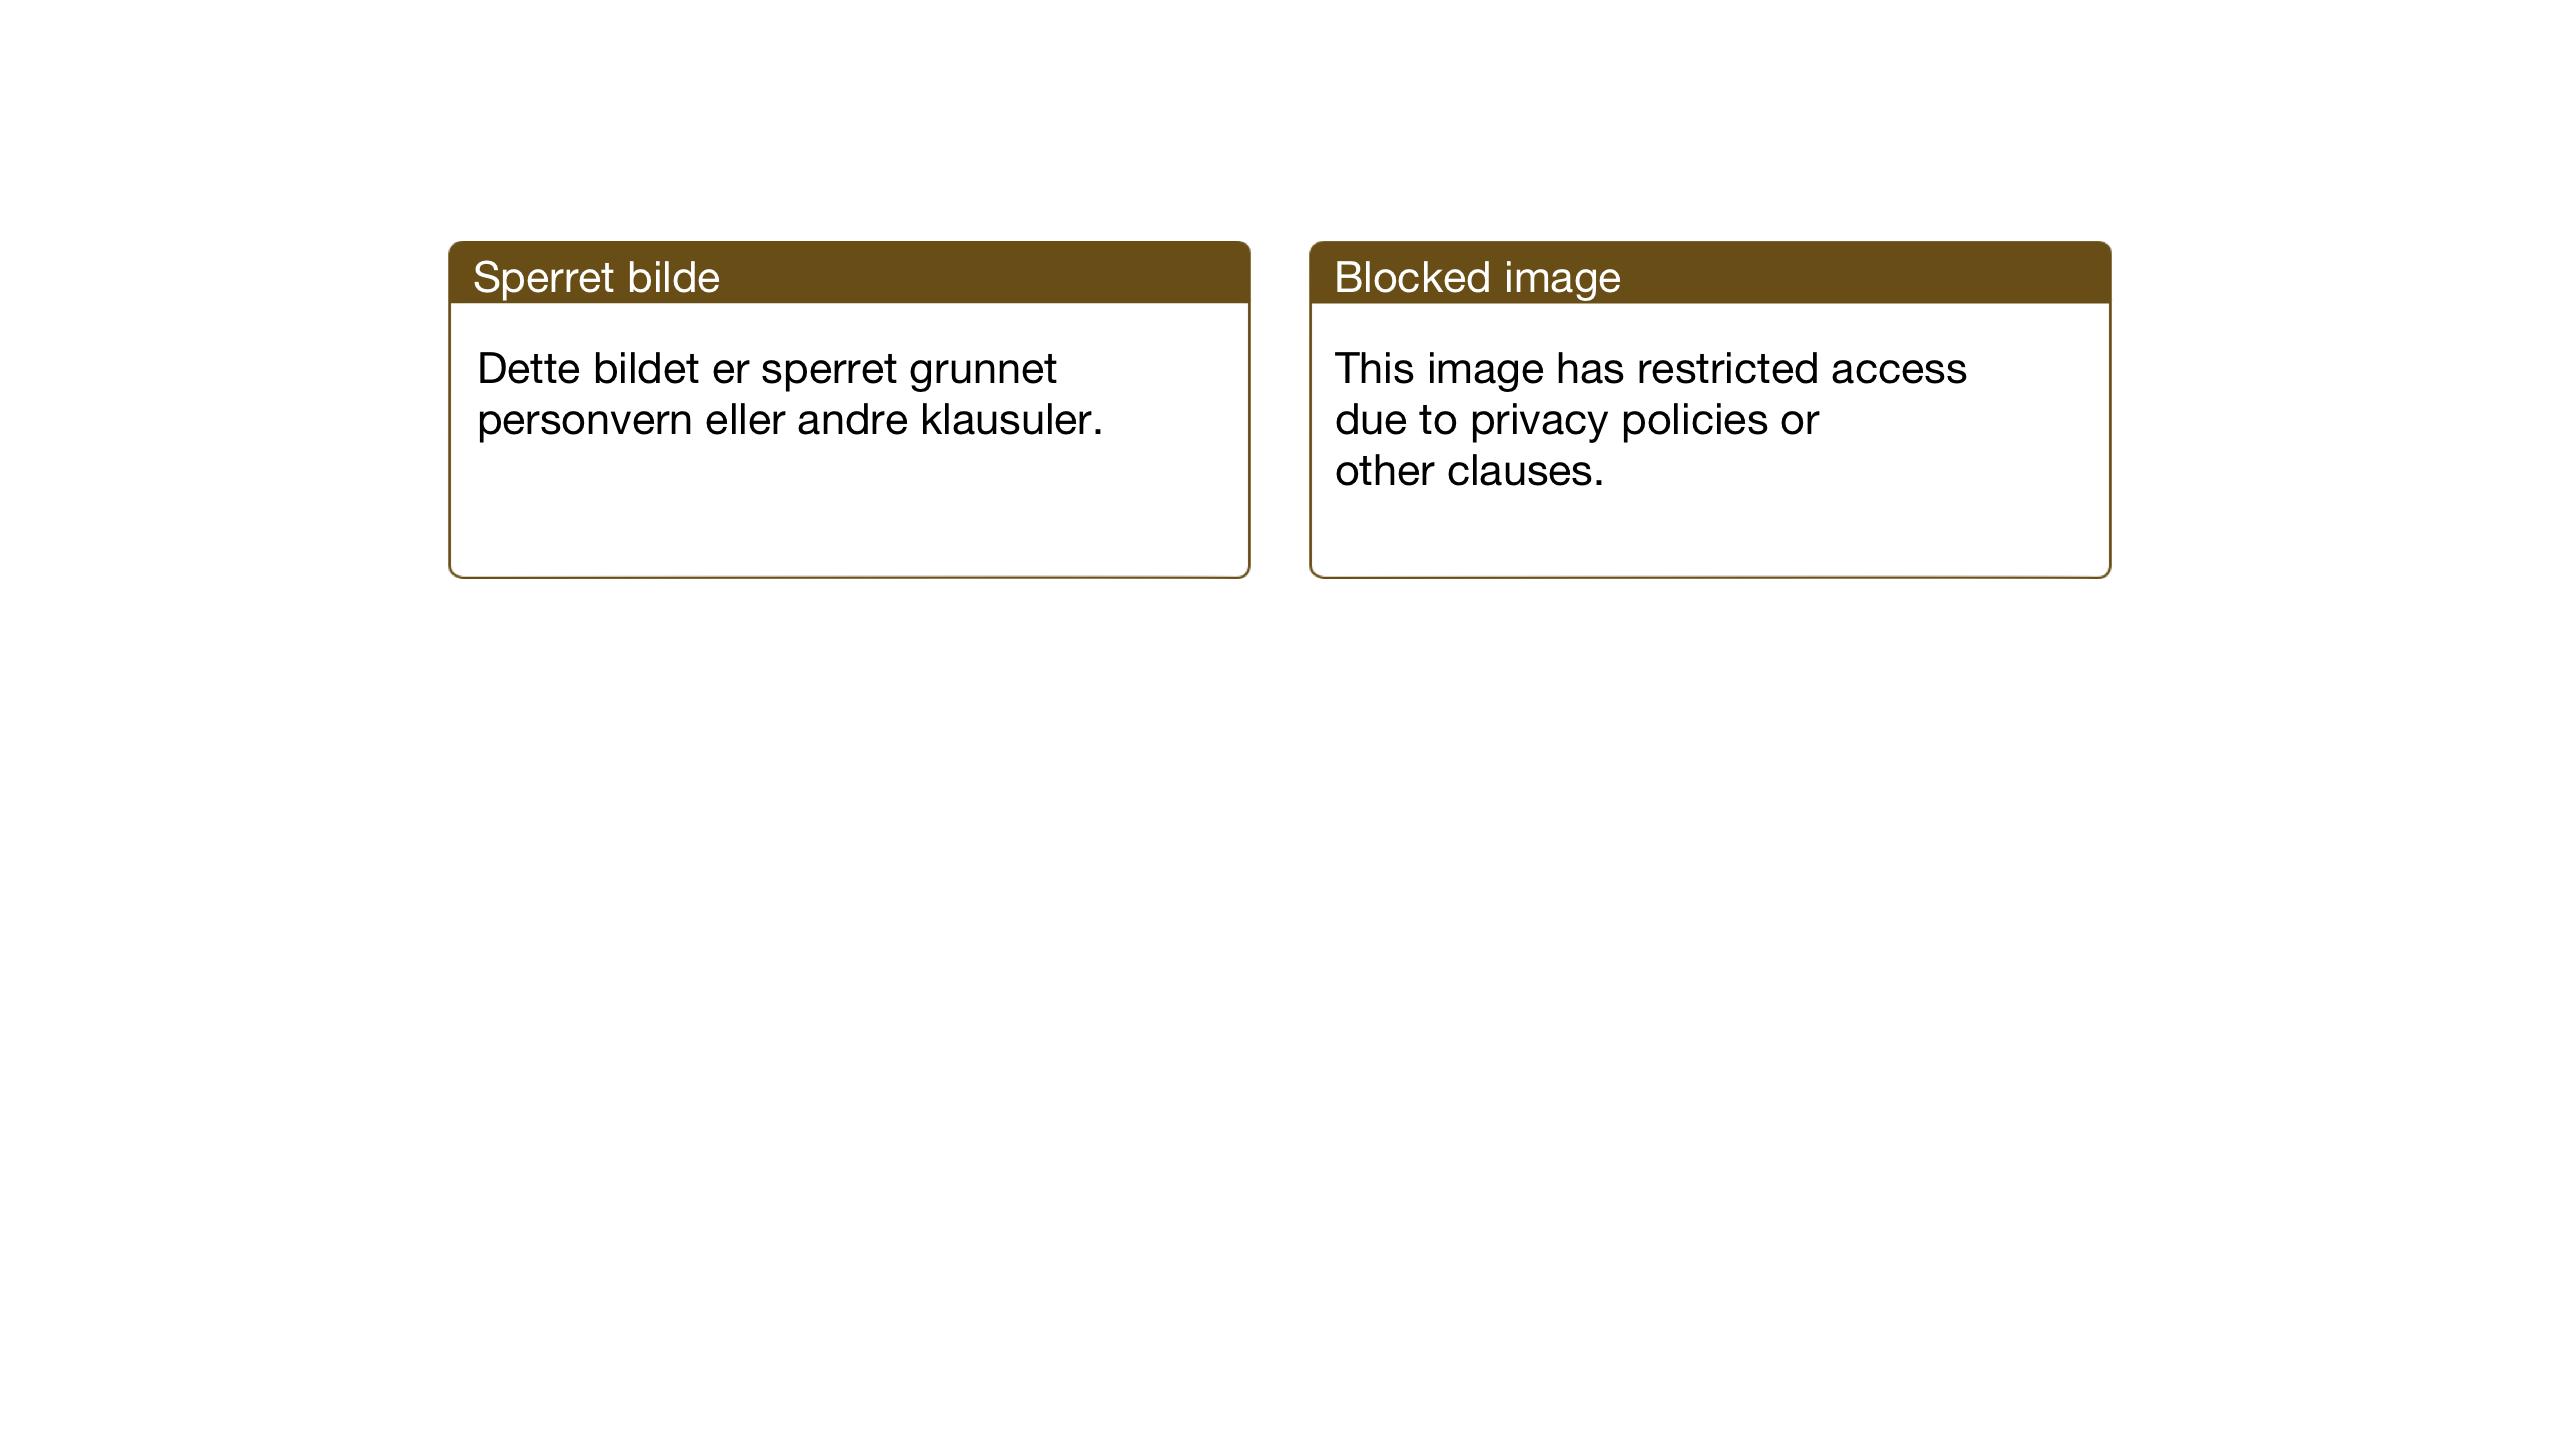 SAT, Ministerialprotokoller, klokkerbøker og fødselsregistre - Nord-Trøndelag, 730/L0304: Klokkerbok nr. 730C07, 1934-1945, s. 1